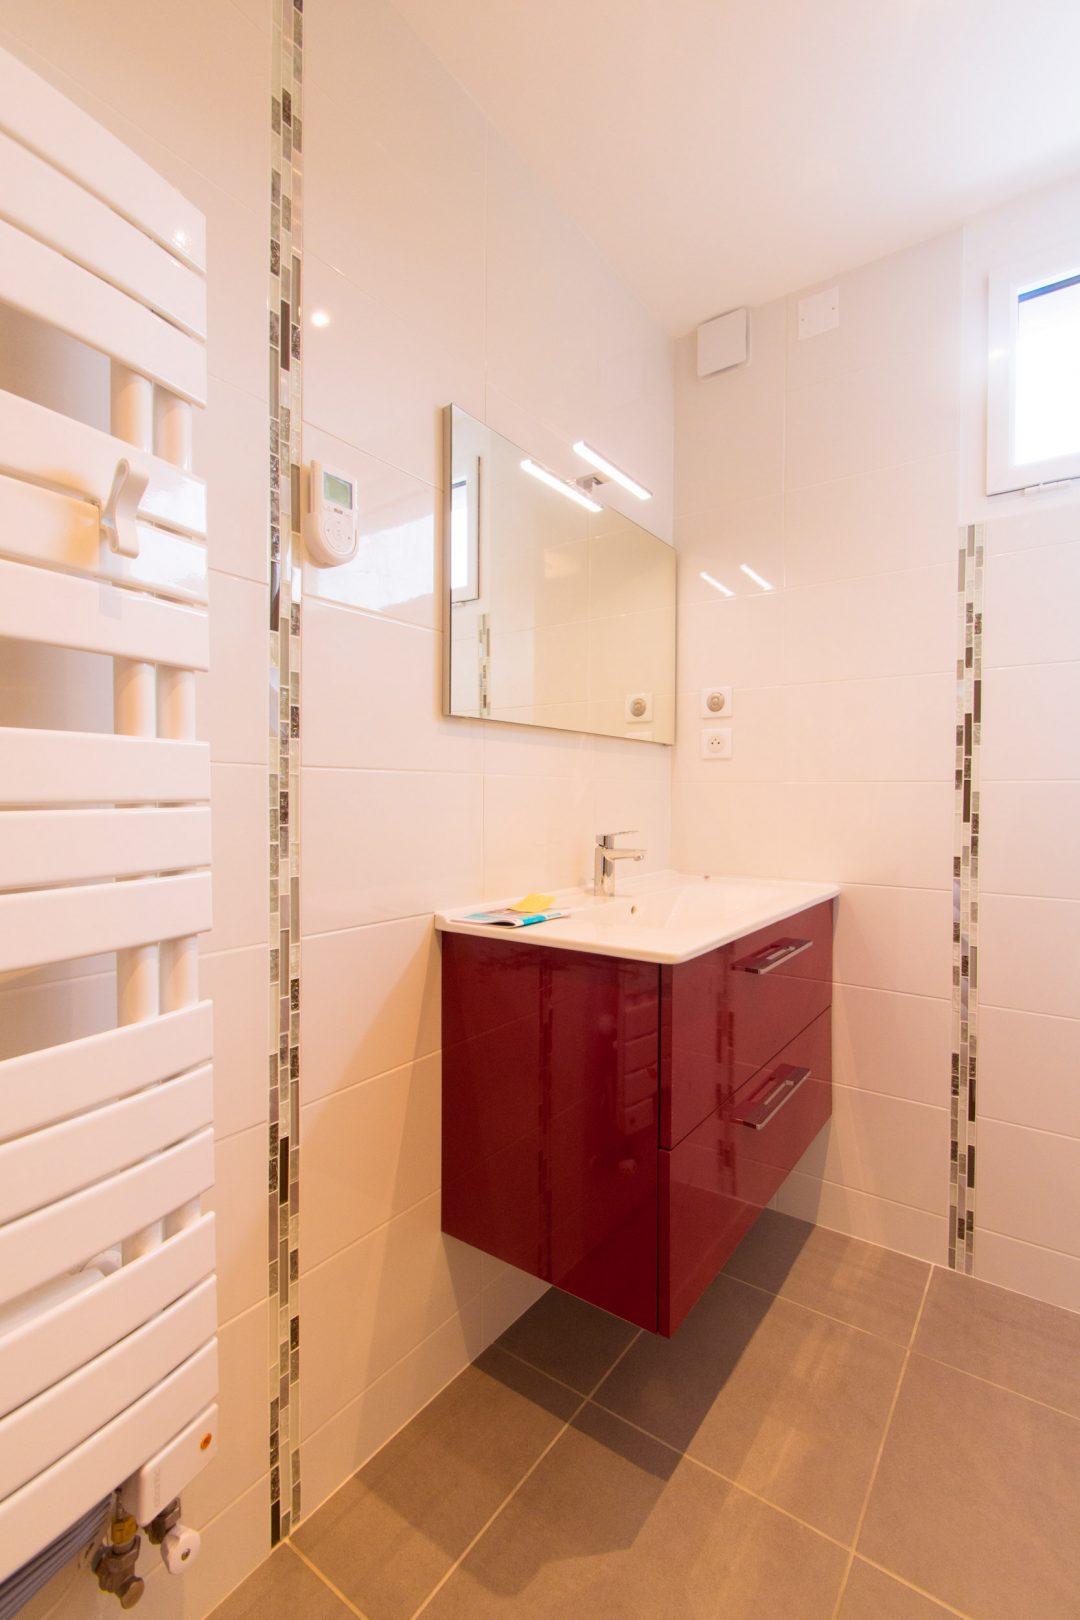 Architecte-dintérieur-Décorateur-Quimper-Rénovation-appartement-cuisine-salle-de-bain-porte-à-galandage-en-verre-9264-1080x1620